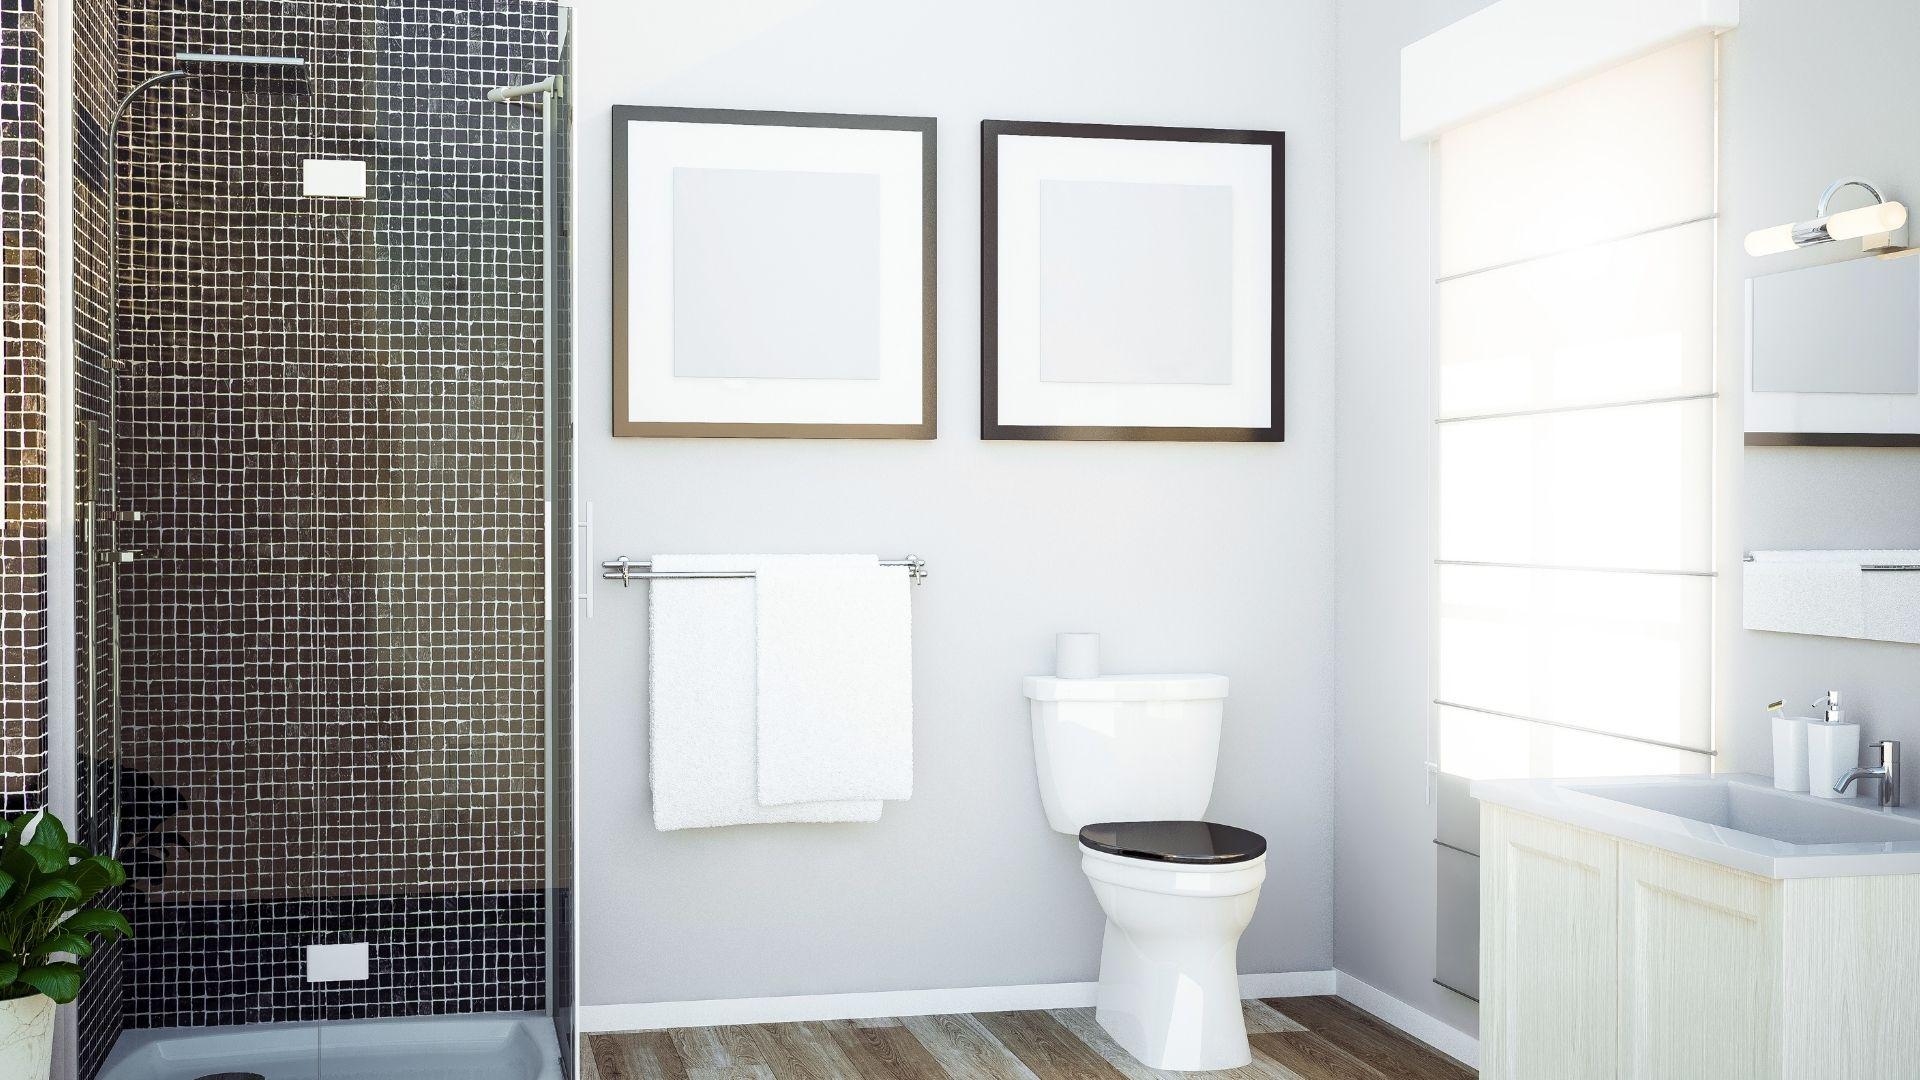 Plakaty do łazienki